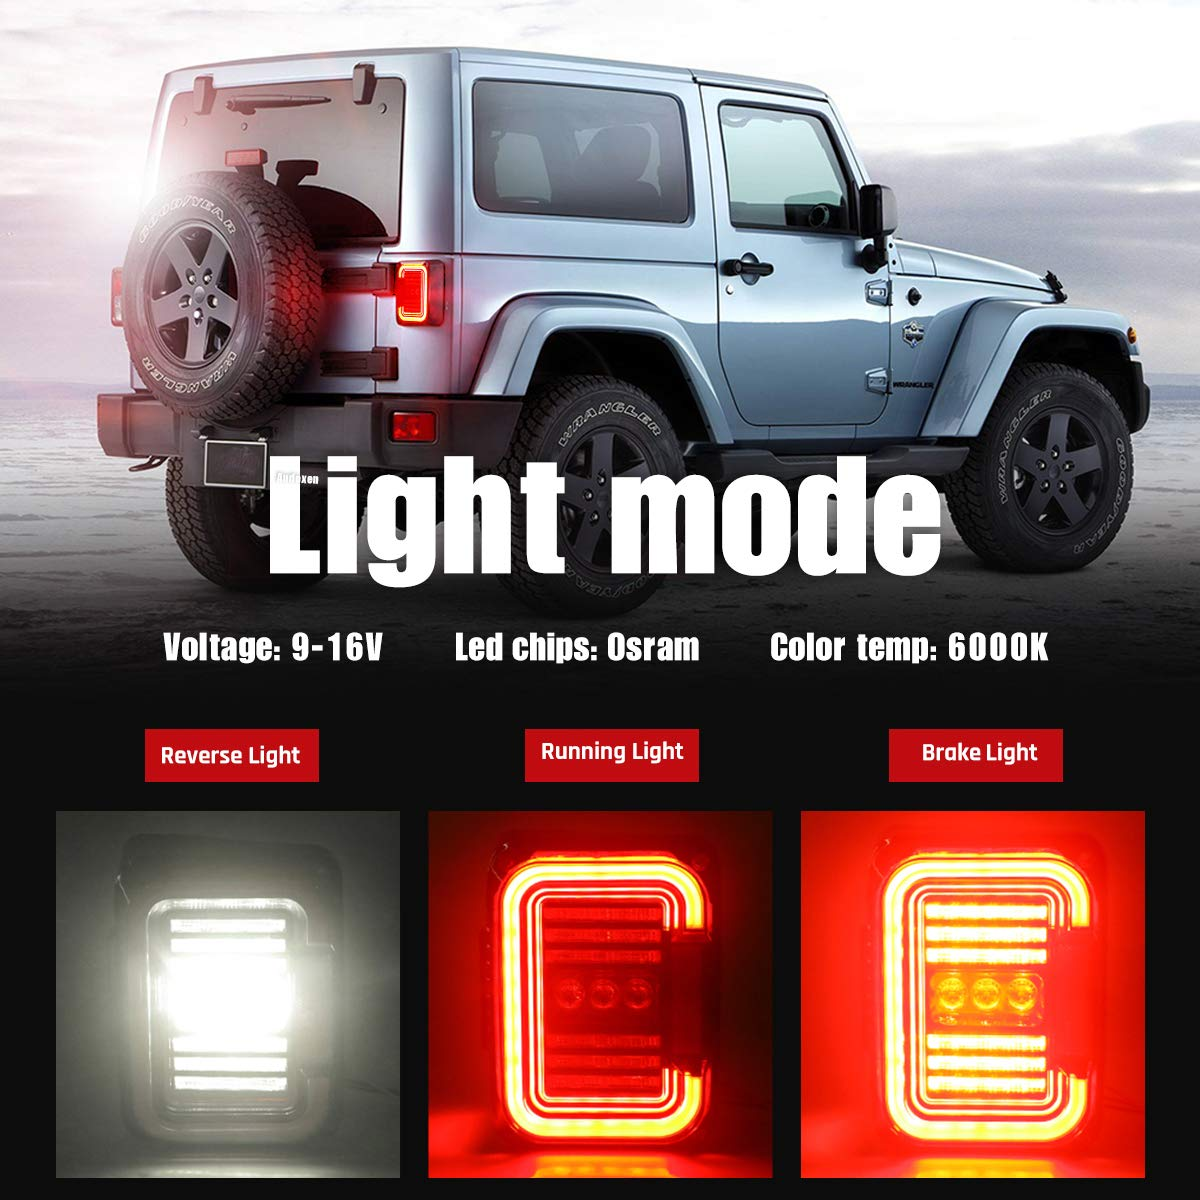 2 PCS Built-in EMC 20W Reverse Lights AUDEXEN LED Tail Lights for Jeep Wrangler JK JKU 2007-2018 UniqueC Shaped Design Clear Lens DOT Compliant